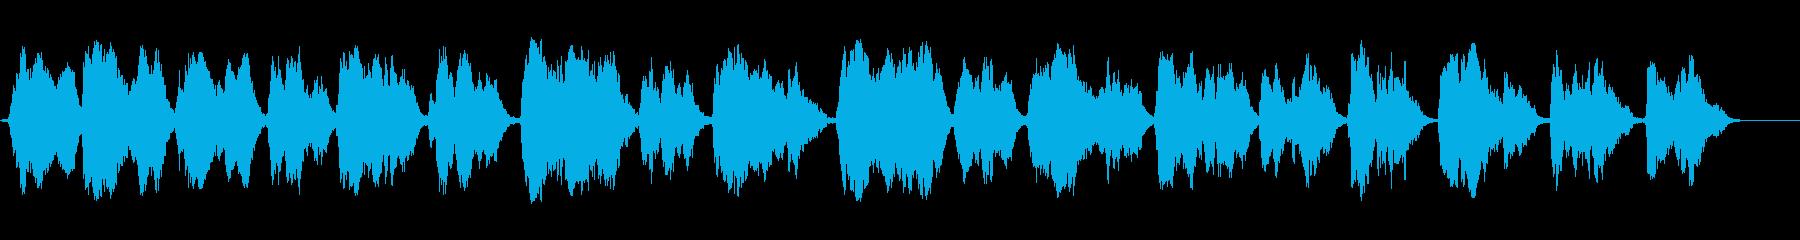 グレゴリオ聖歌Dies irae 斉唱の再生済みの波形